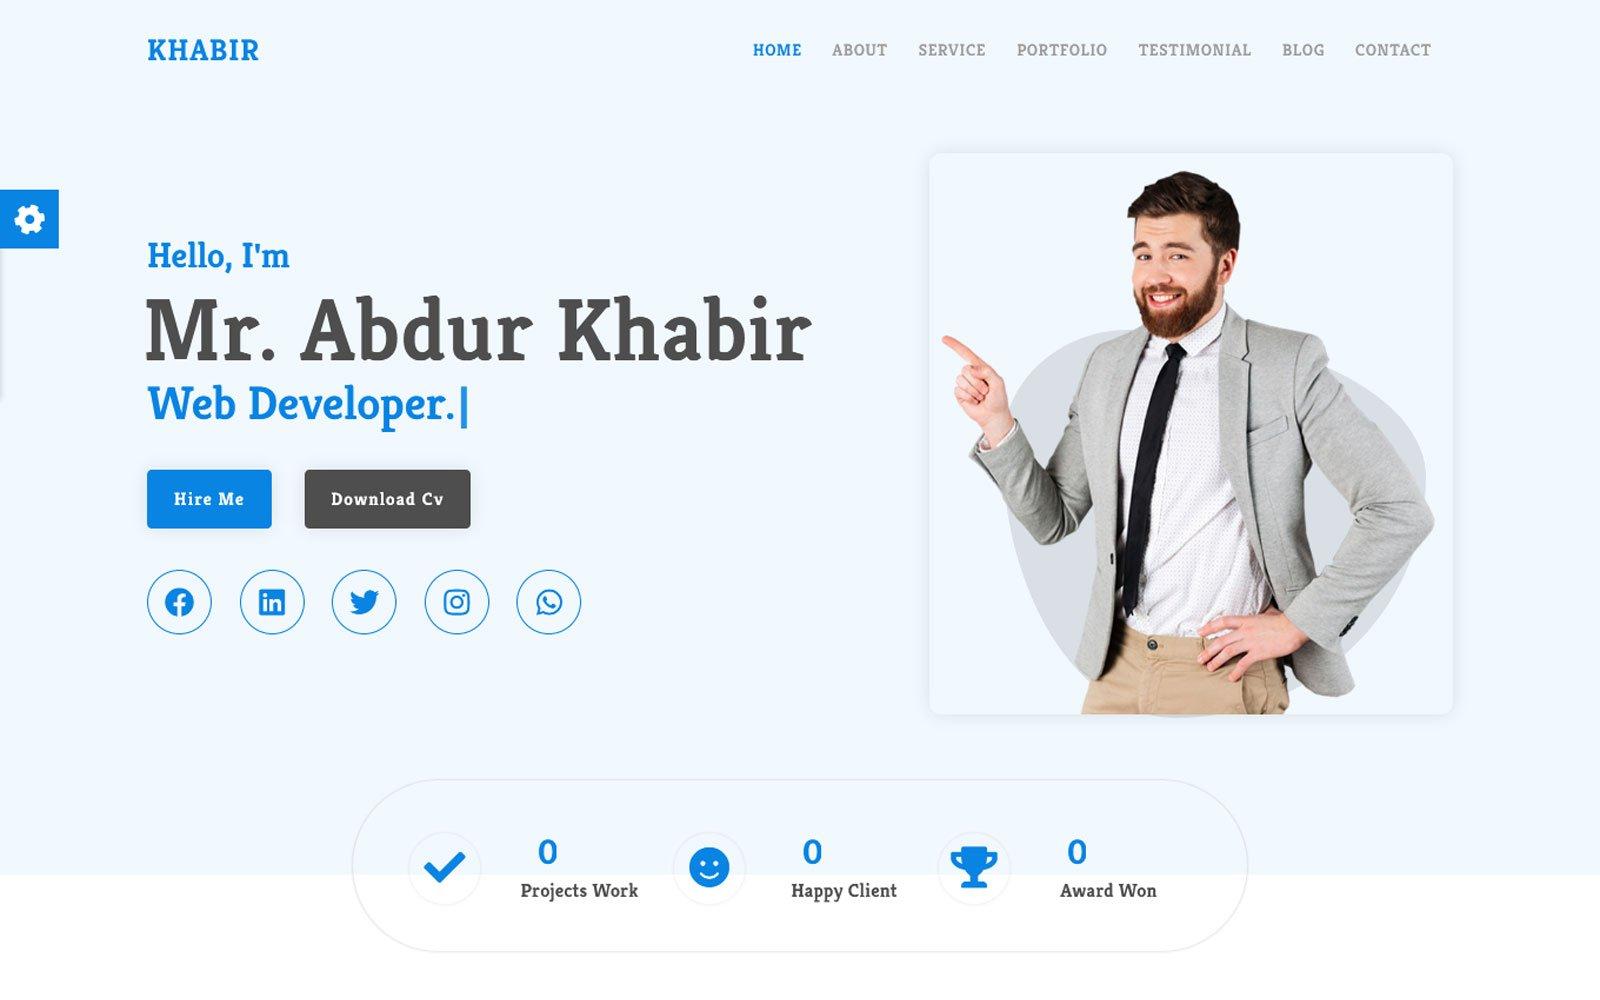 Responsive Al-Khabir - Creative Portfolio CV/Resume Açılış Sayfası #122887